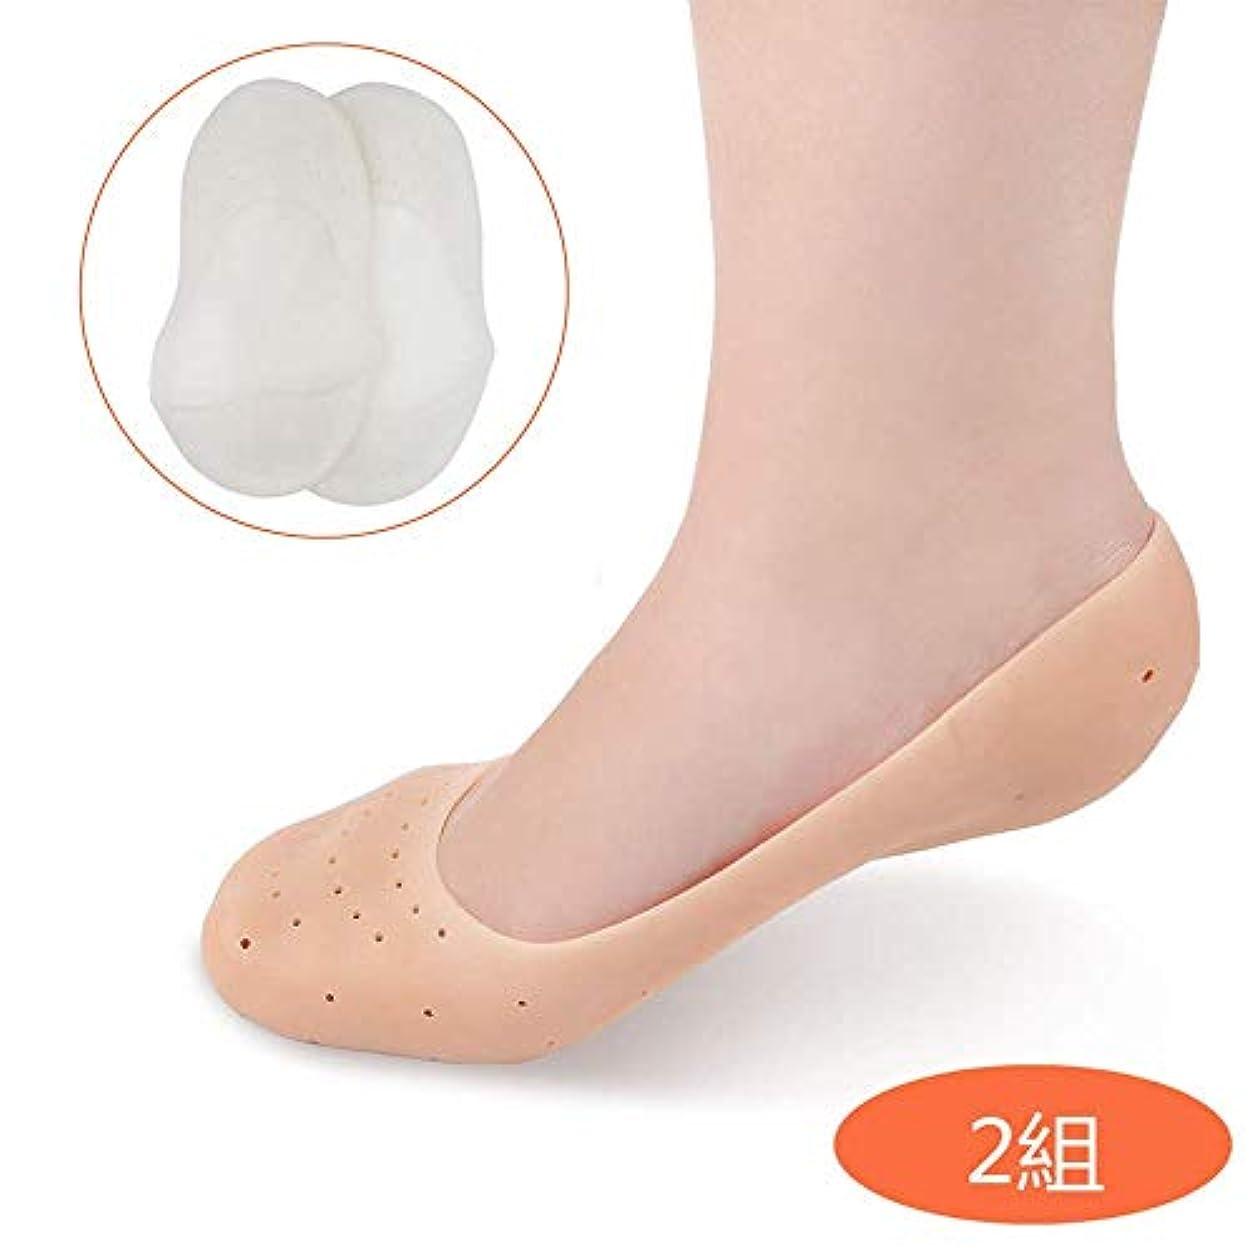 愛プラス輸送シリコンソックス 靴下 かかとケア ヒールクラック防止 足ケア 保湿 角質ケア 皮膚保護 痛みの緩和 快適 通気性 男女兼用 (2組)